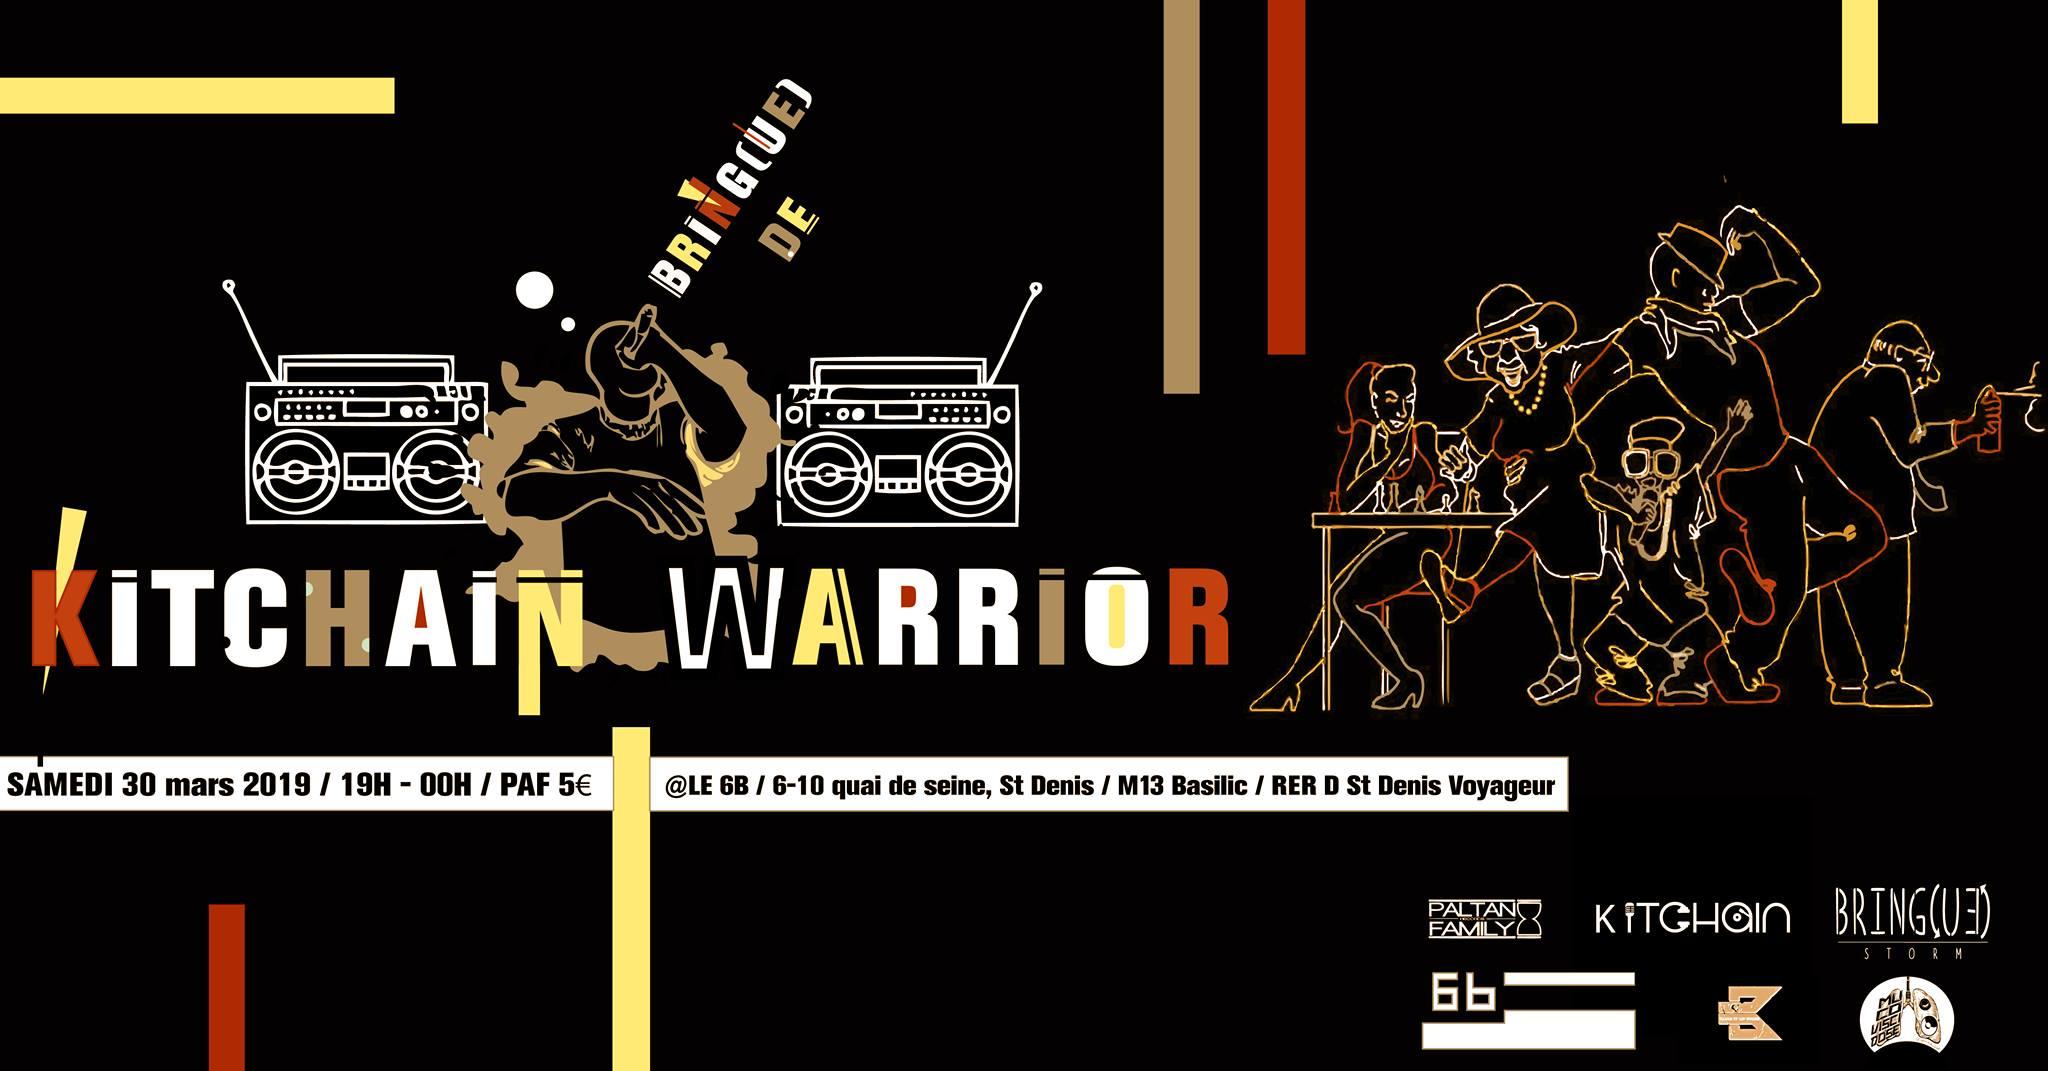 Kitchain Warrior #2 @ Le 6b